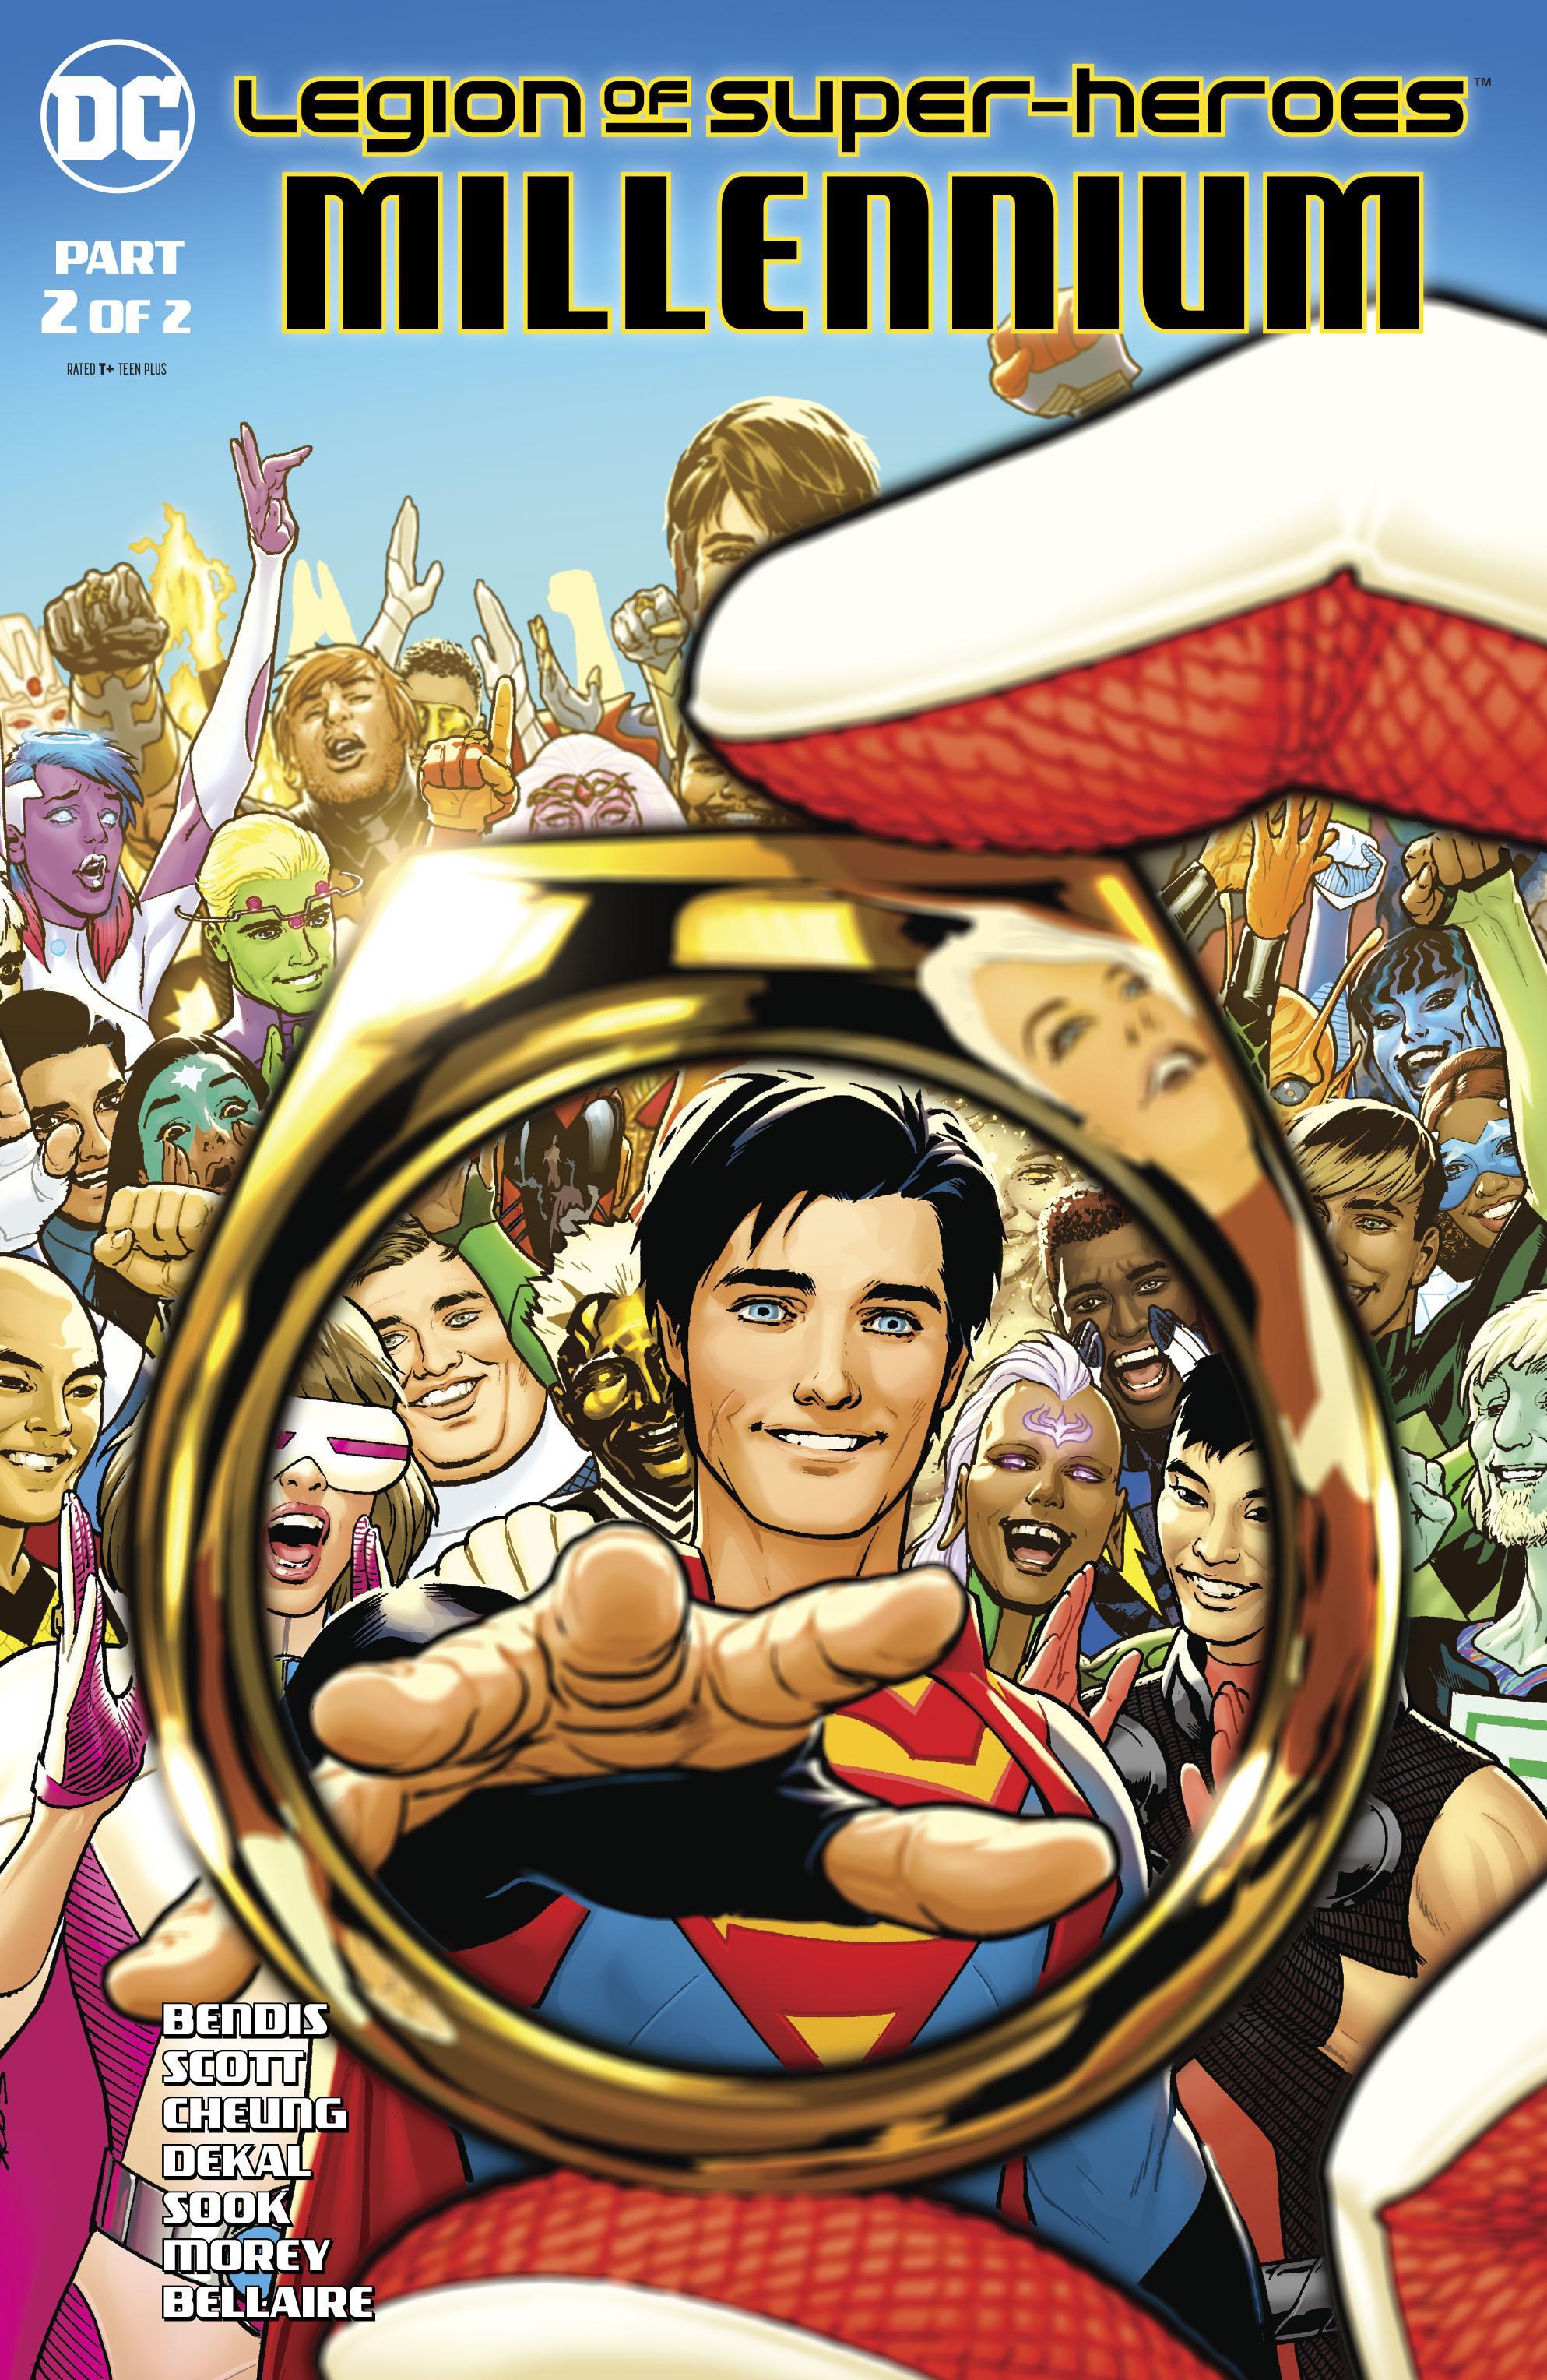 Legion of Super-Heroes-Millennium 02 of 02 2019